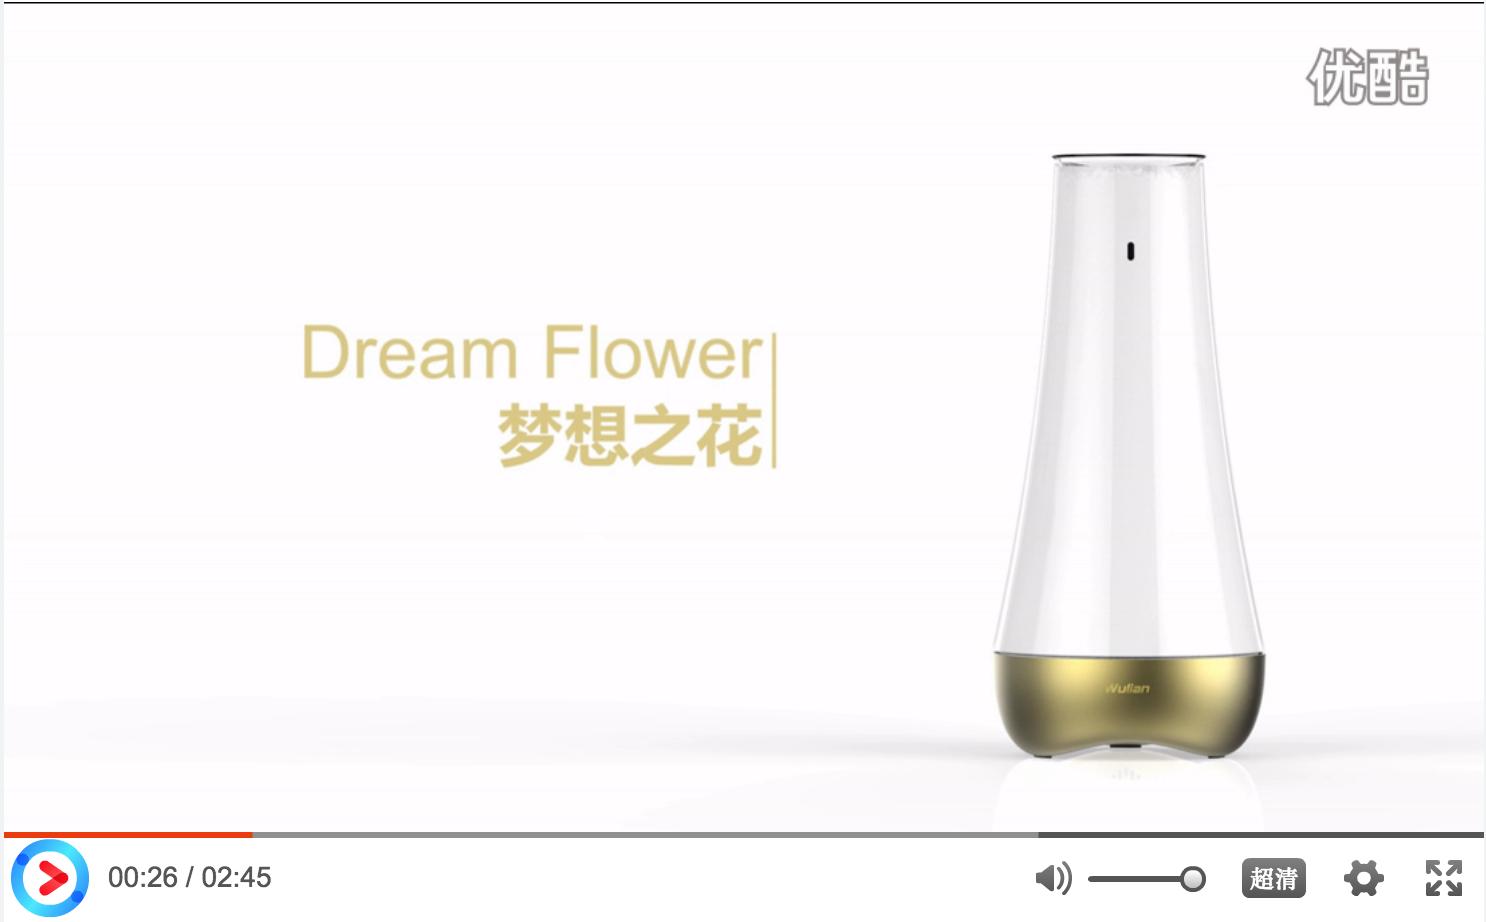 01【产品发布视频】2015-Dream_flower_梦想之花.png